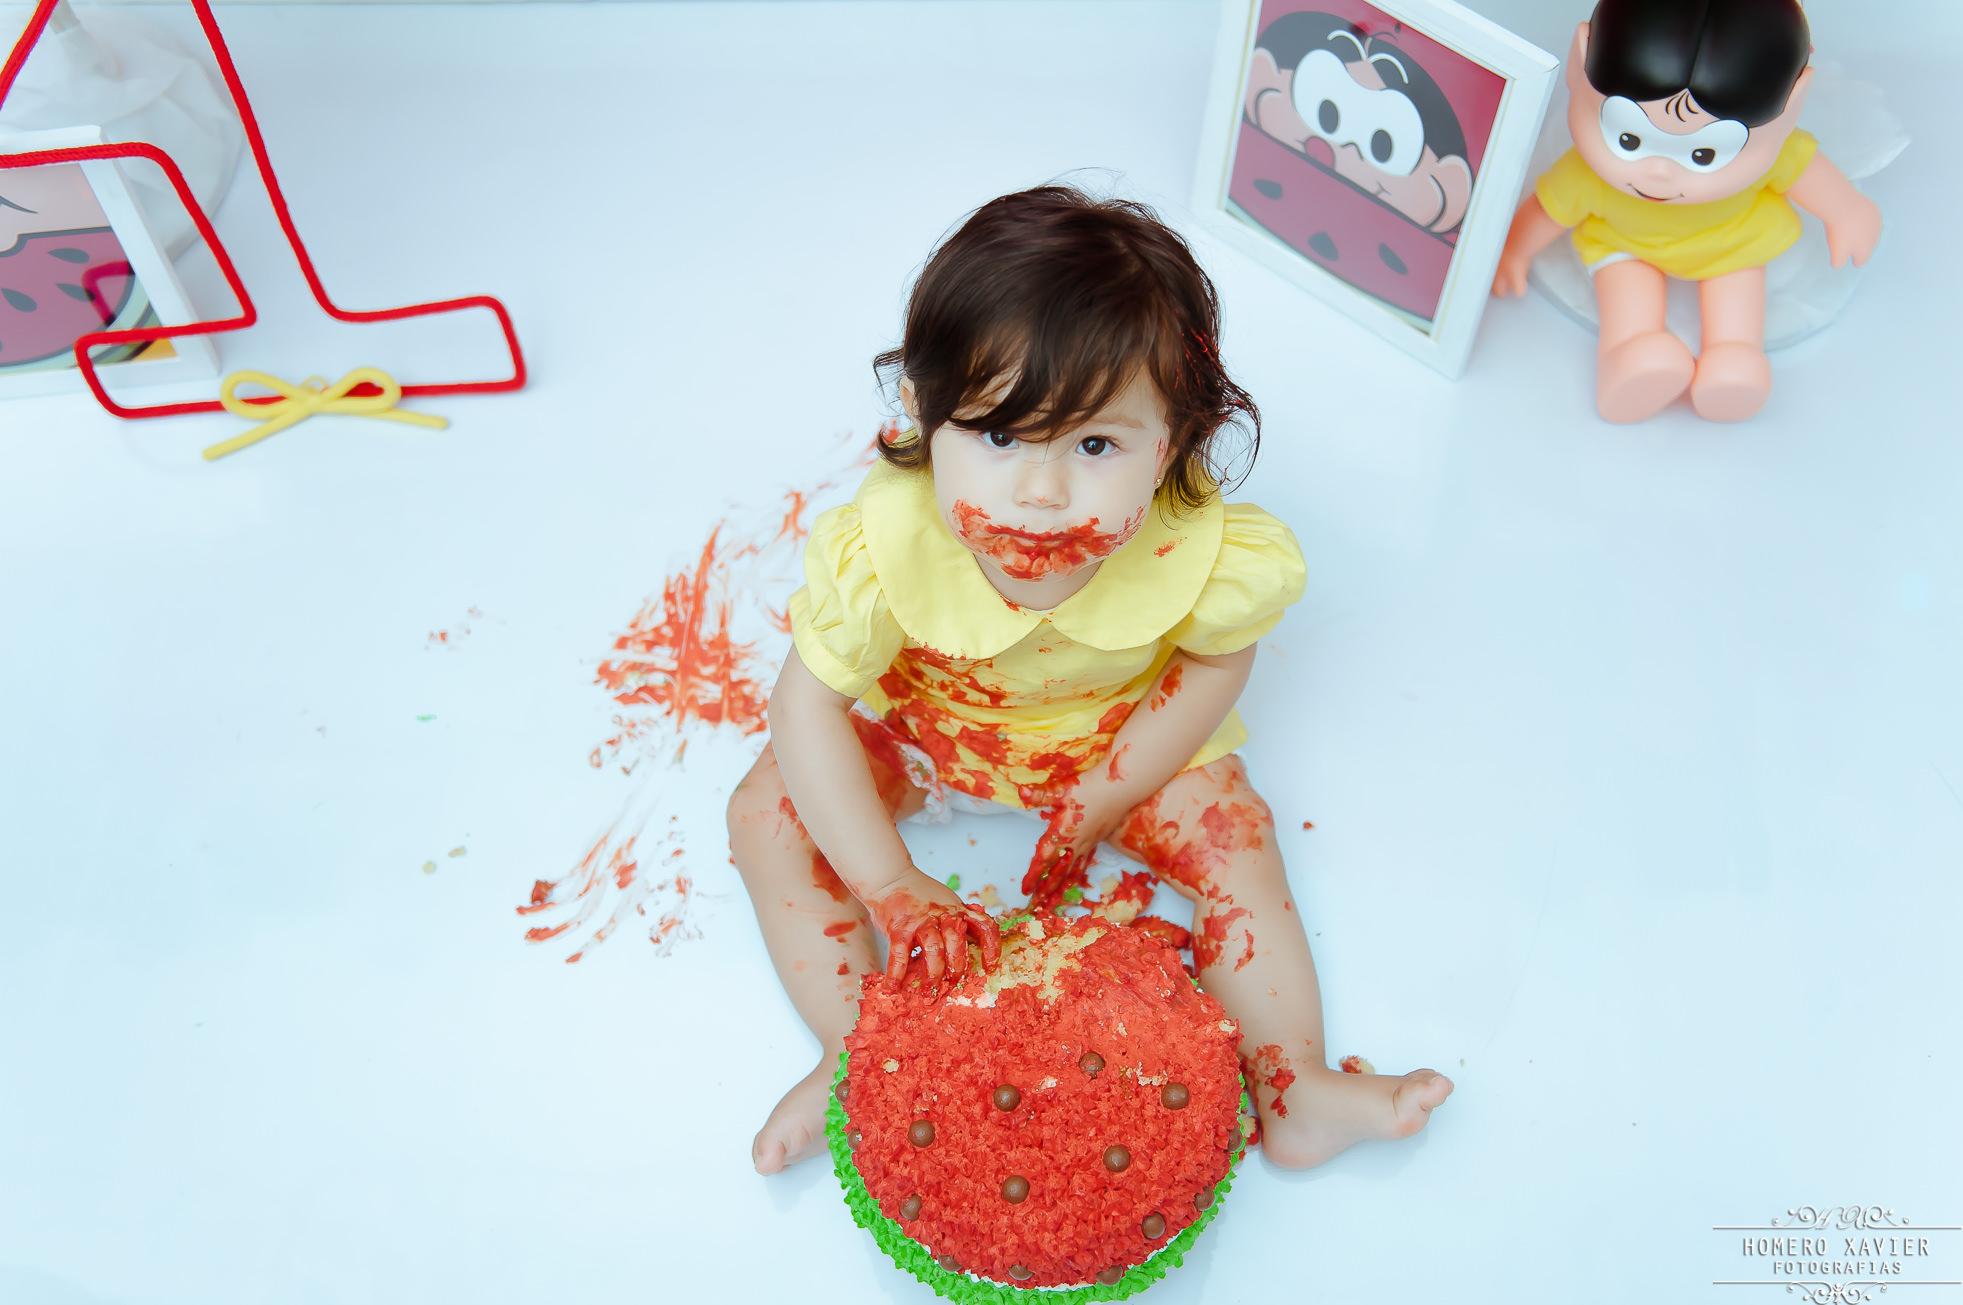 foto smash the cake em BH